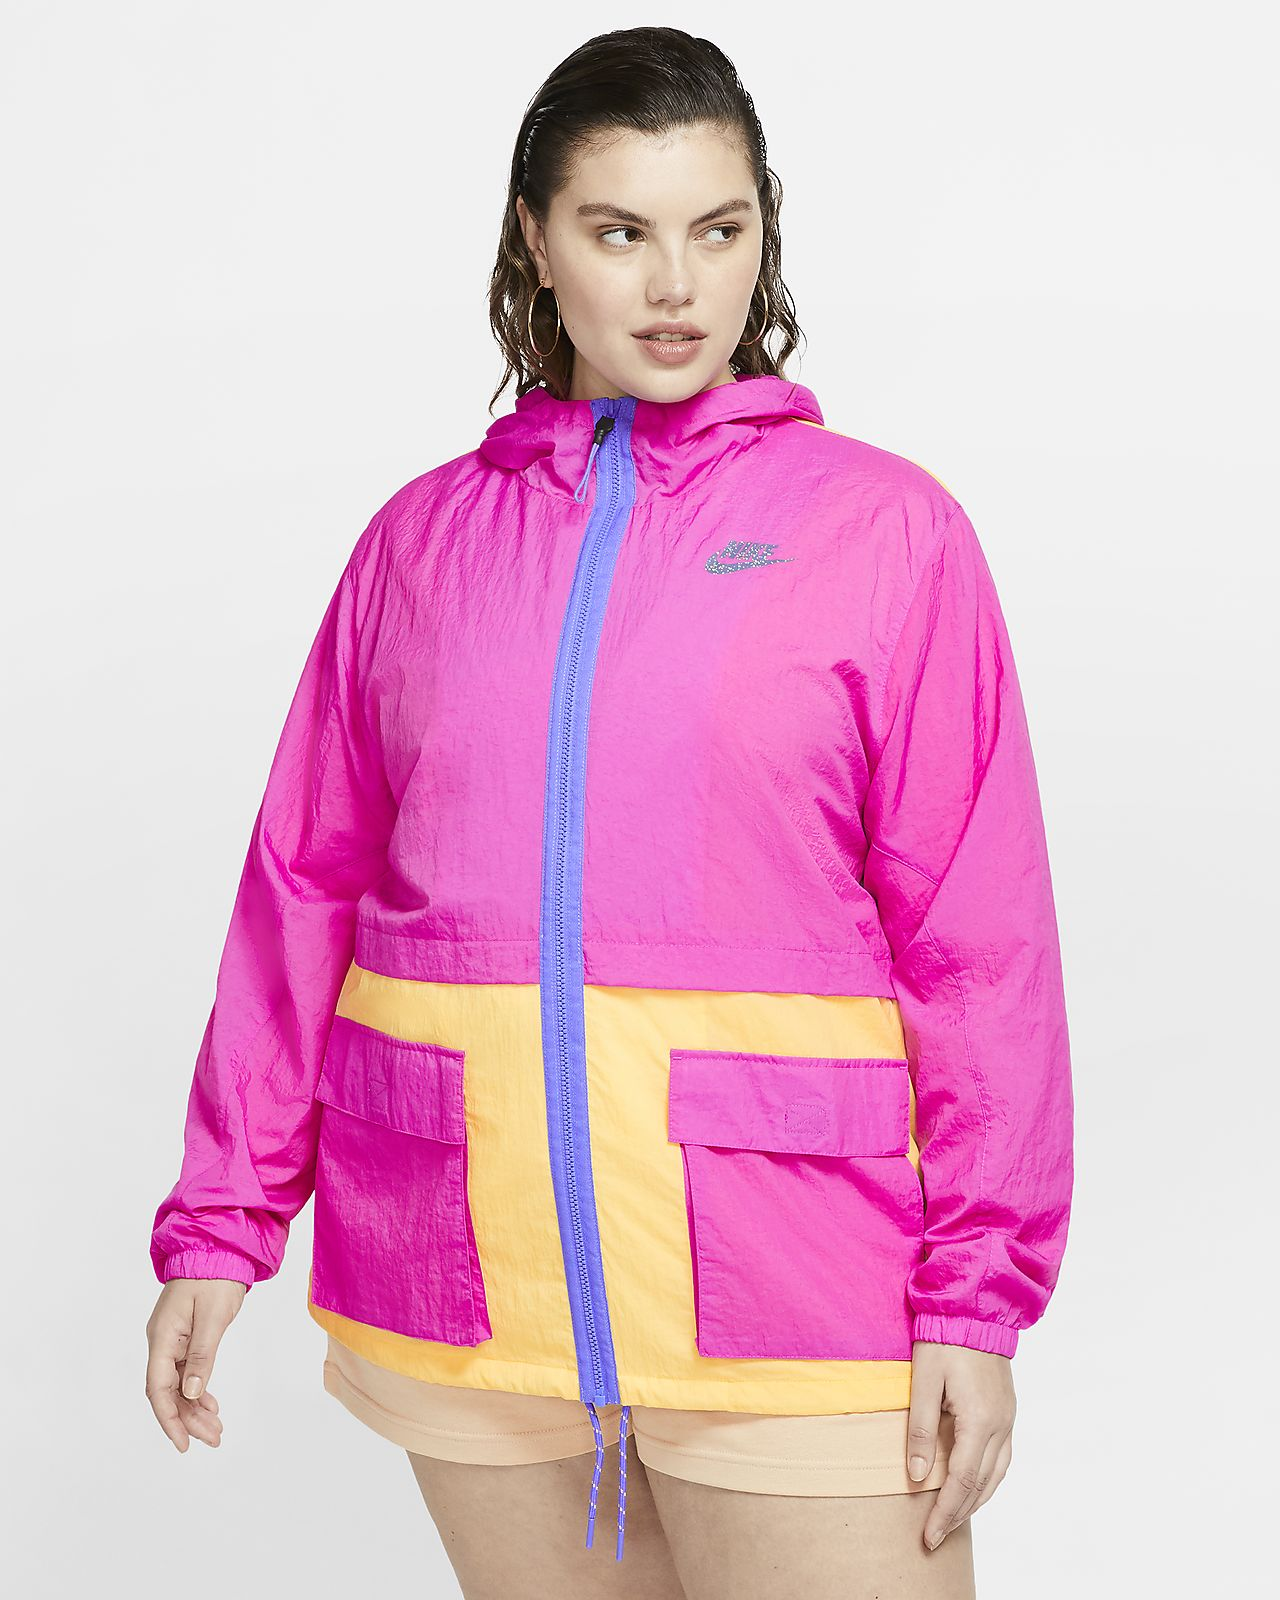 Nike Sportswear Icon Clash Women's Woven Jacket (Plus Size)